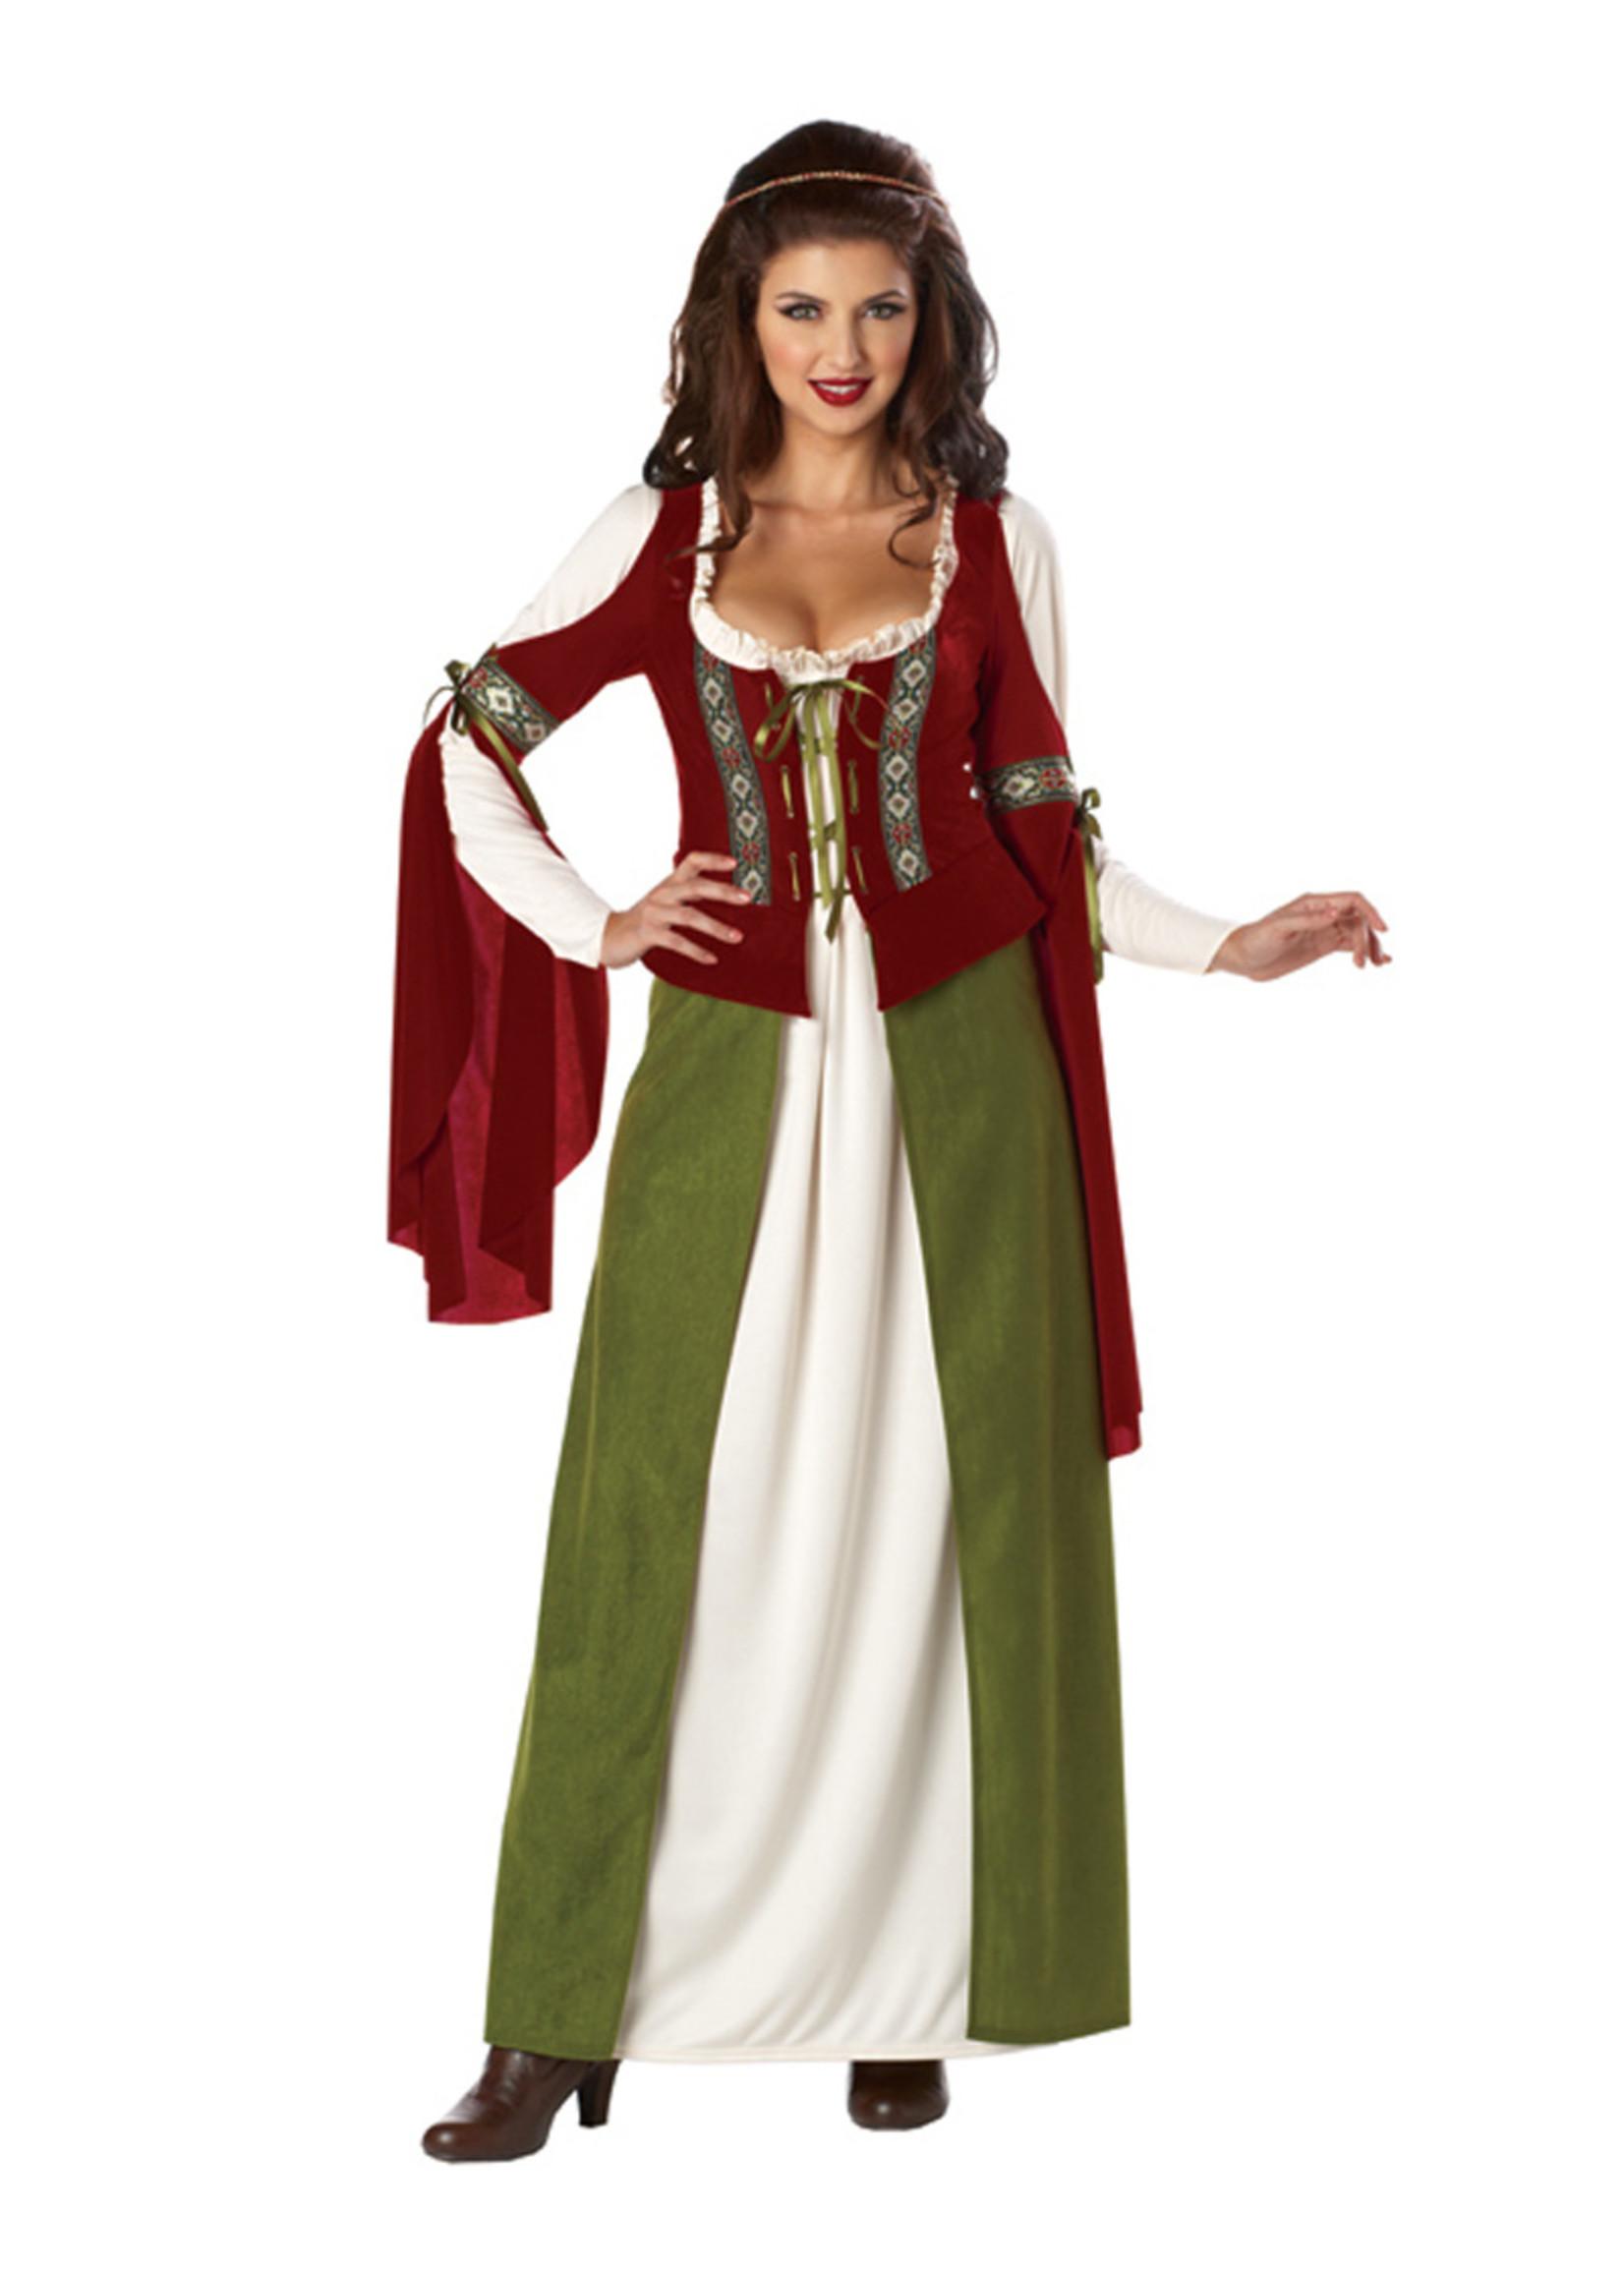 Maid Marian Costume - Women's